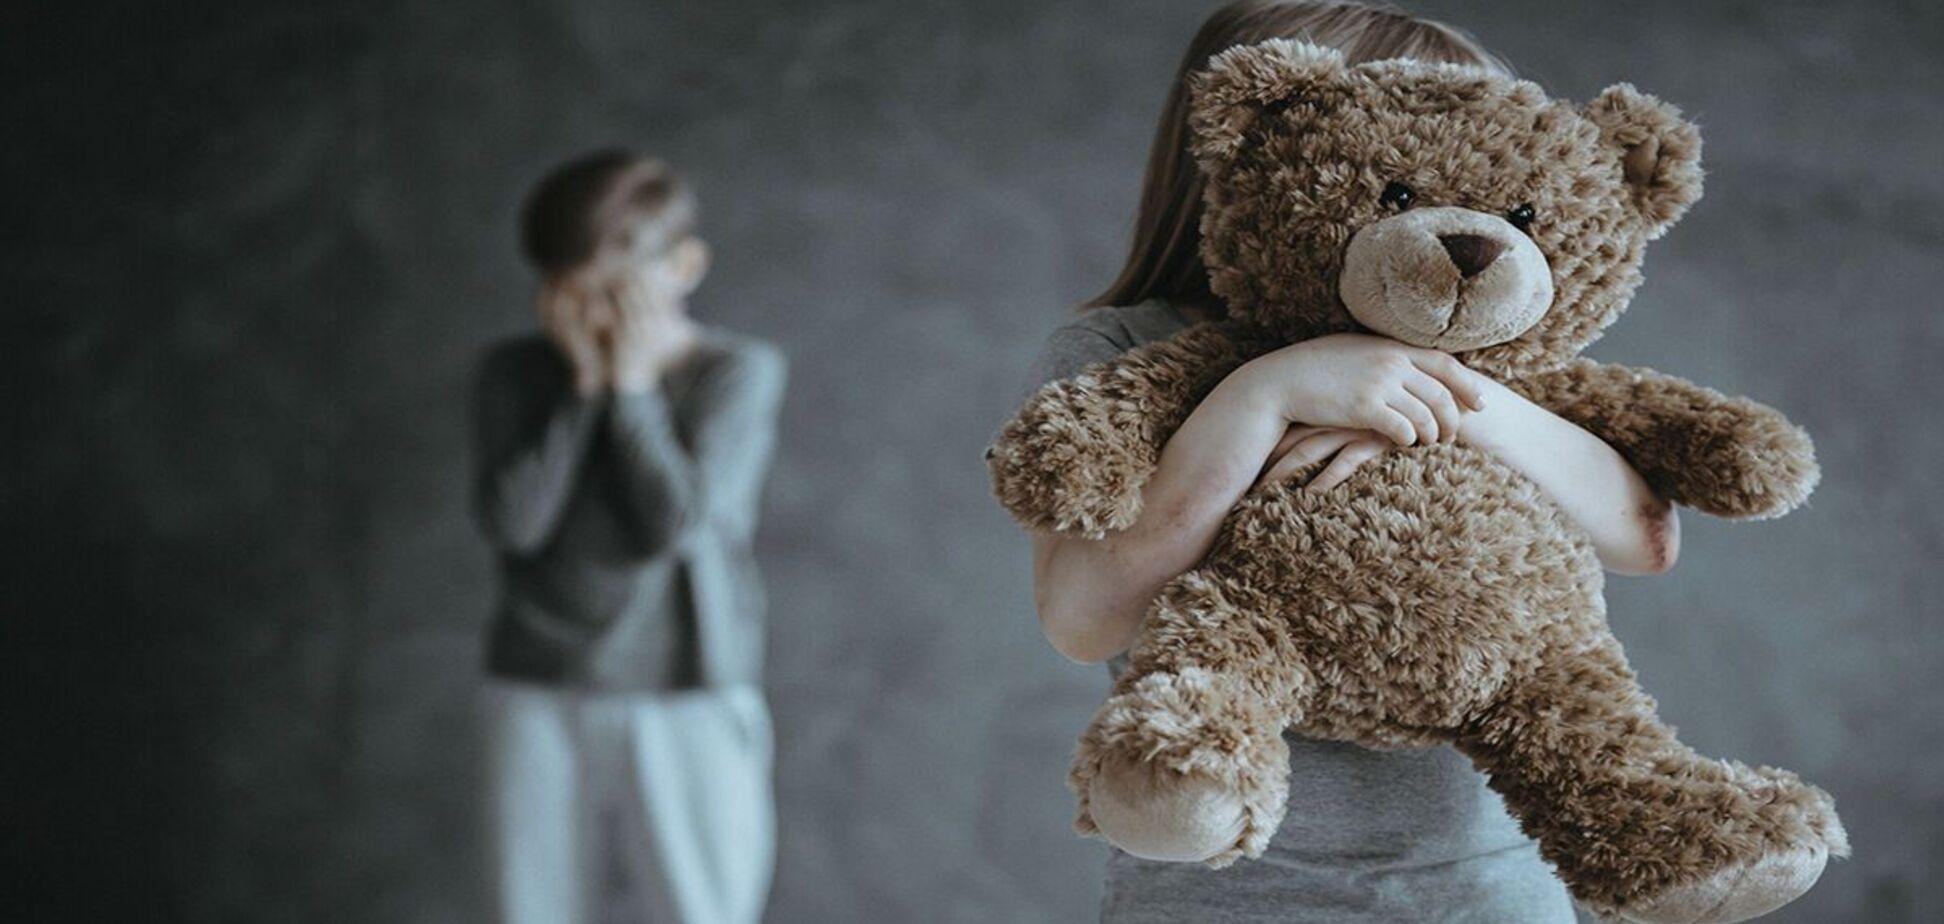 Сигналы, передаваемые ребенком при сексуальном насилии: как распознать